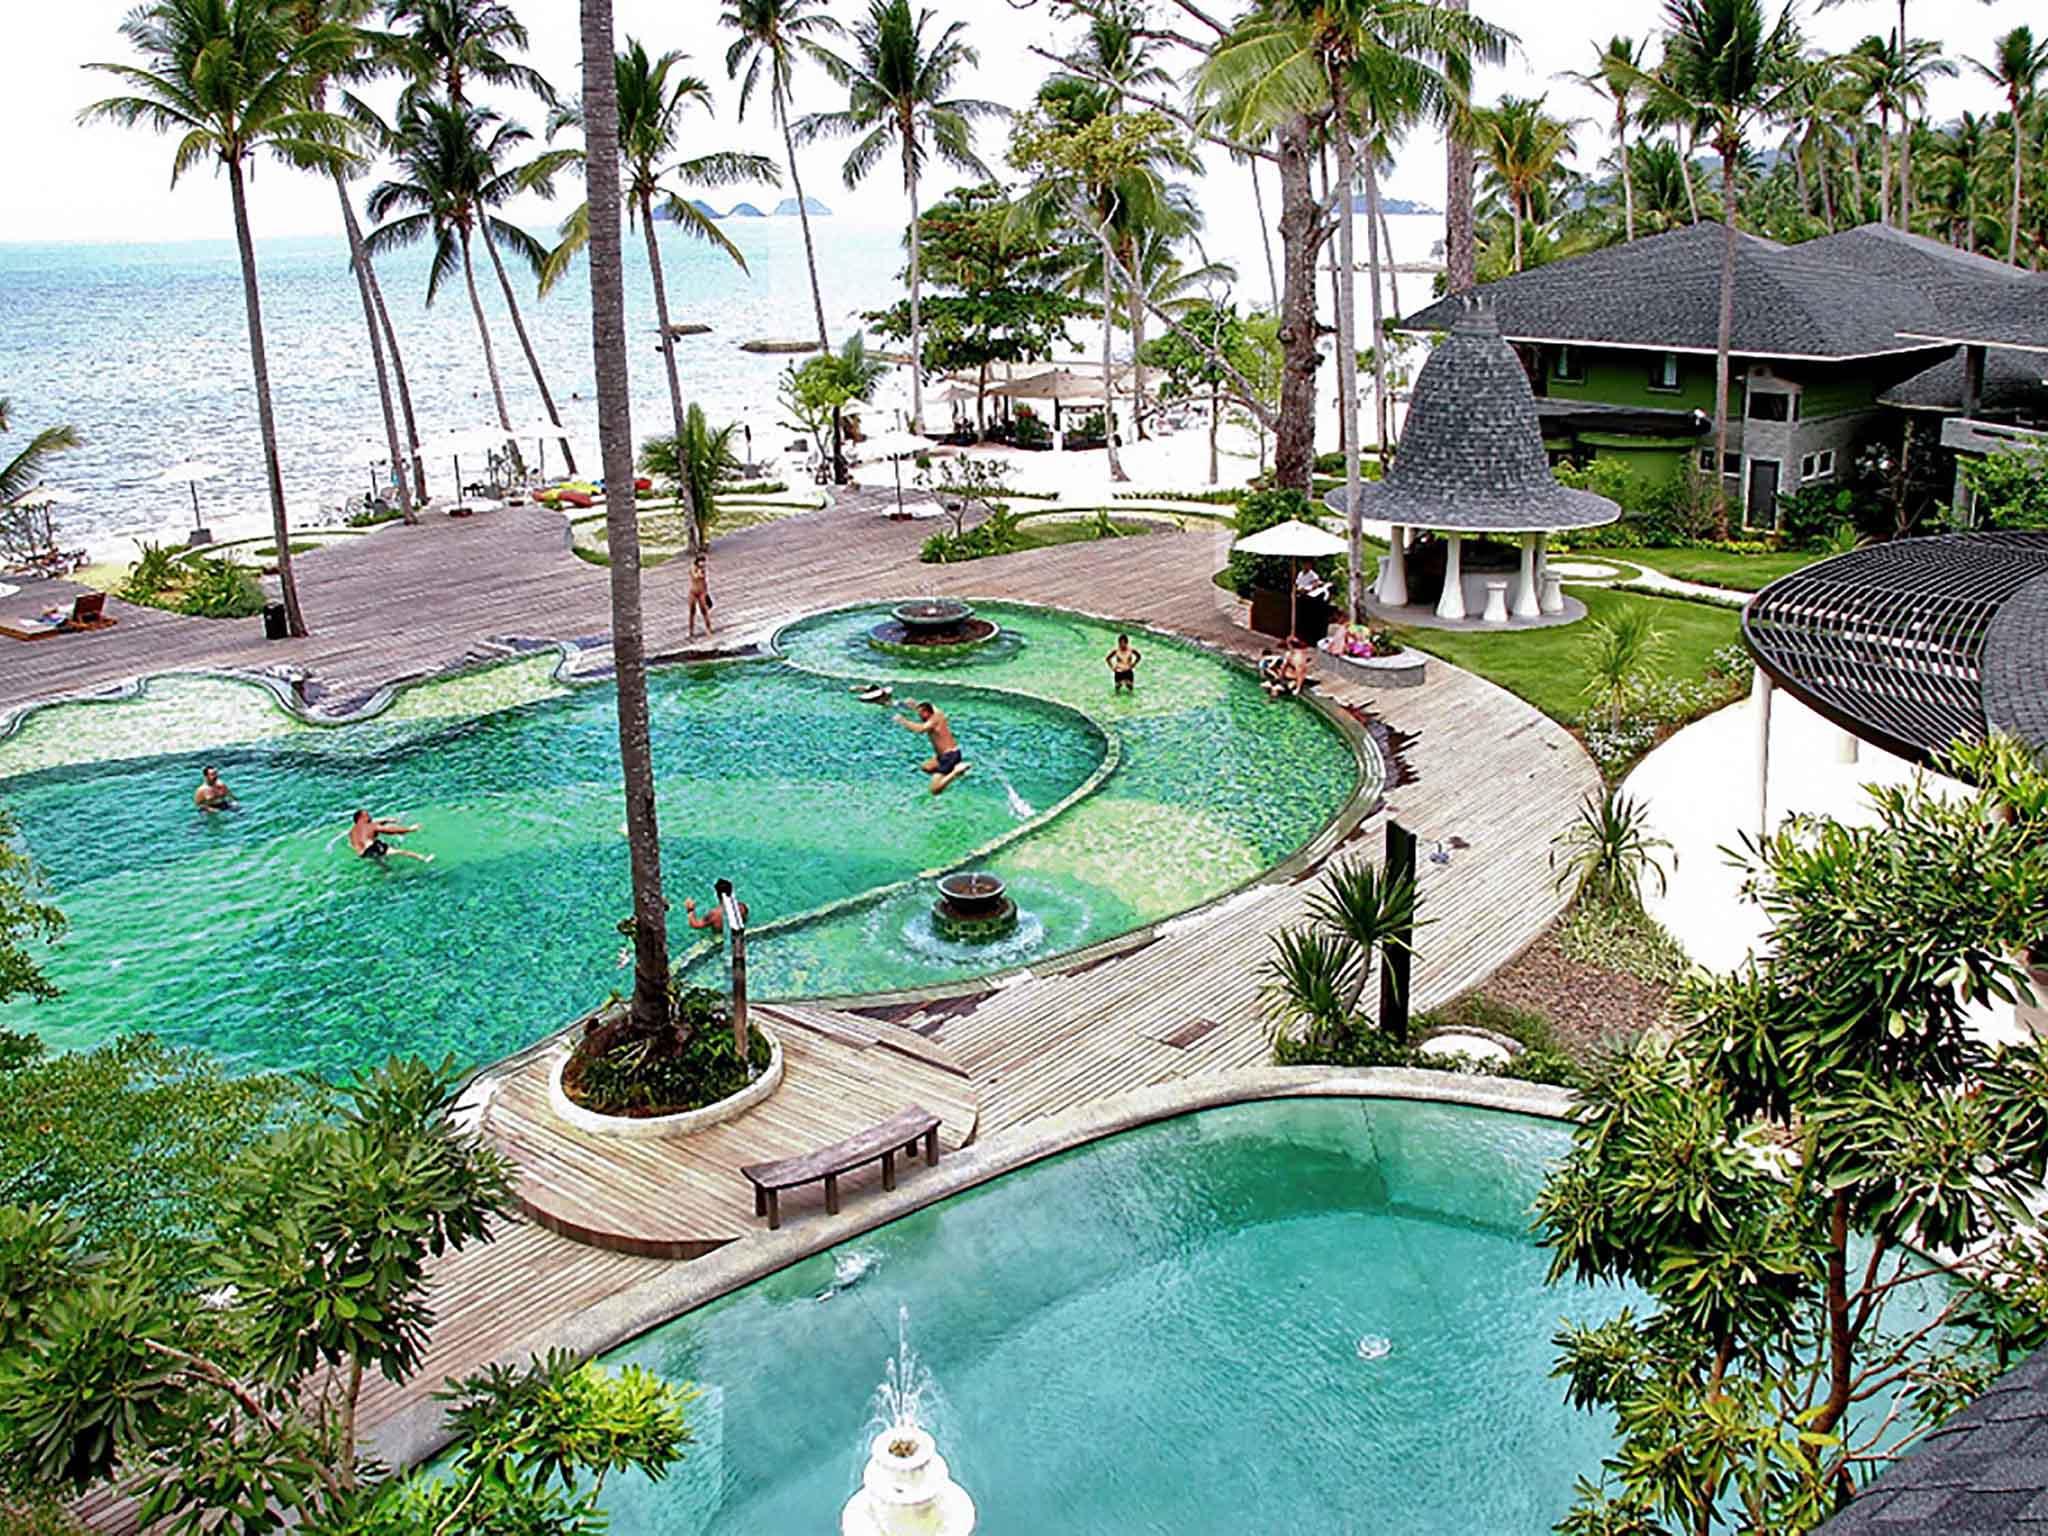 отель меркурий остров чанг фото